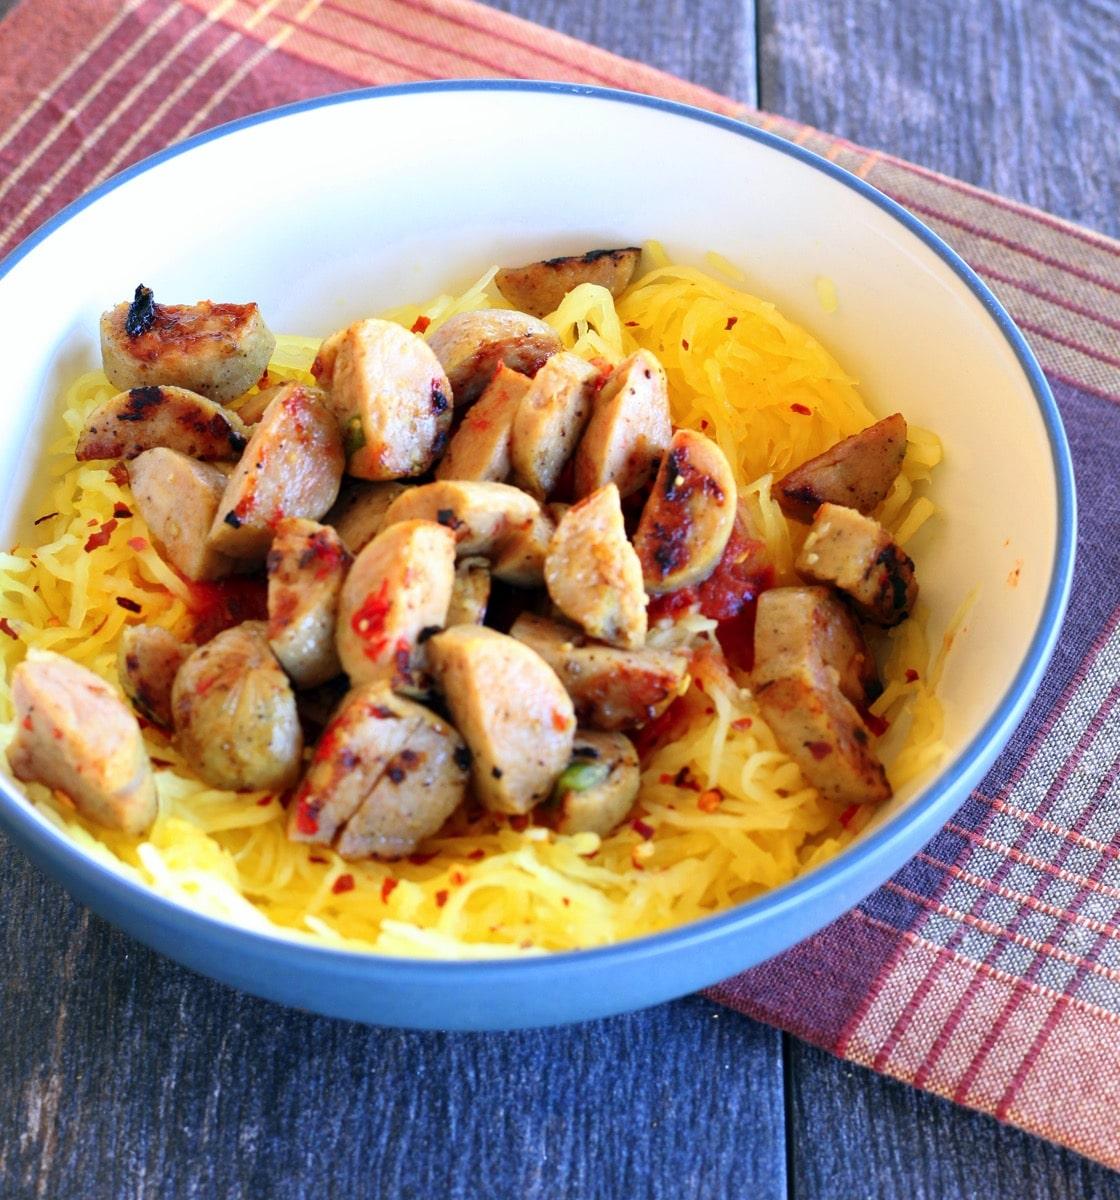 Spaghetti squash and chicken